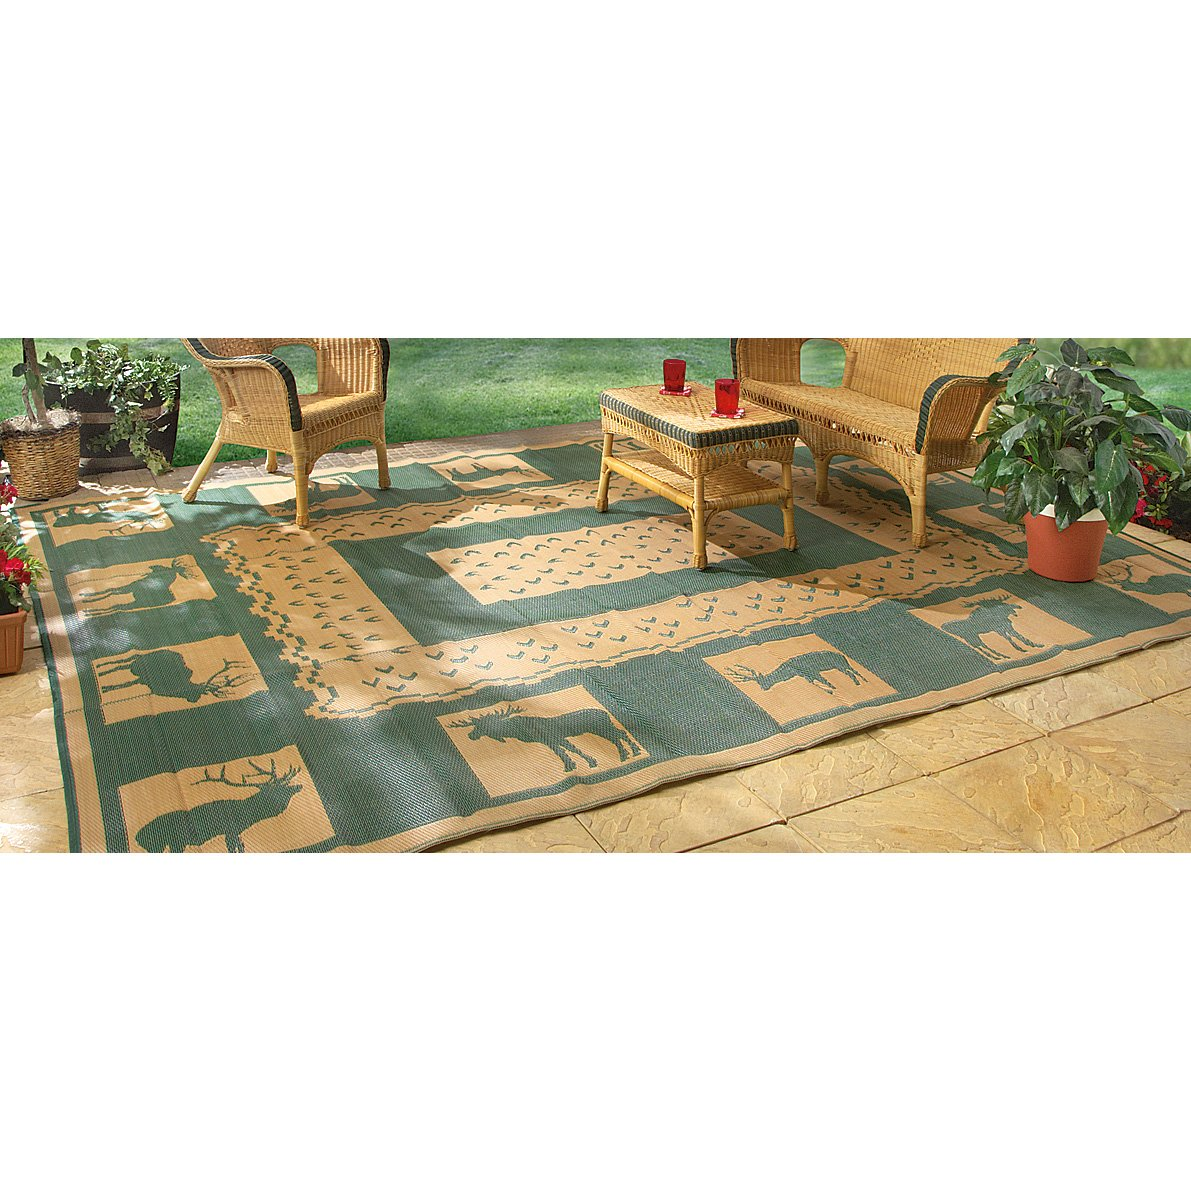 Amazon.com : Guide Gear 6u0027 X 9u0027 Reversible Lodge Patio Mat Khaki / Hunter  Green : Outdoor Carpet : Garden U0026 Outdoor